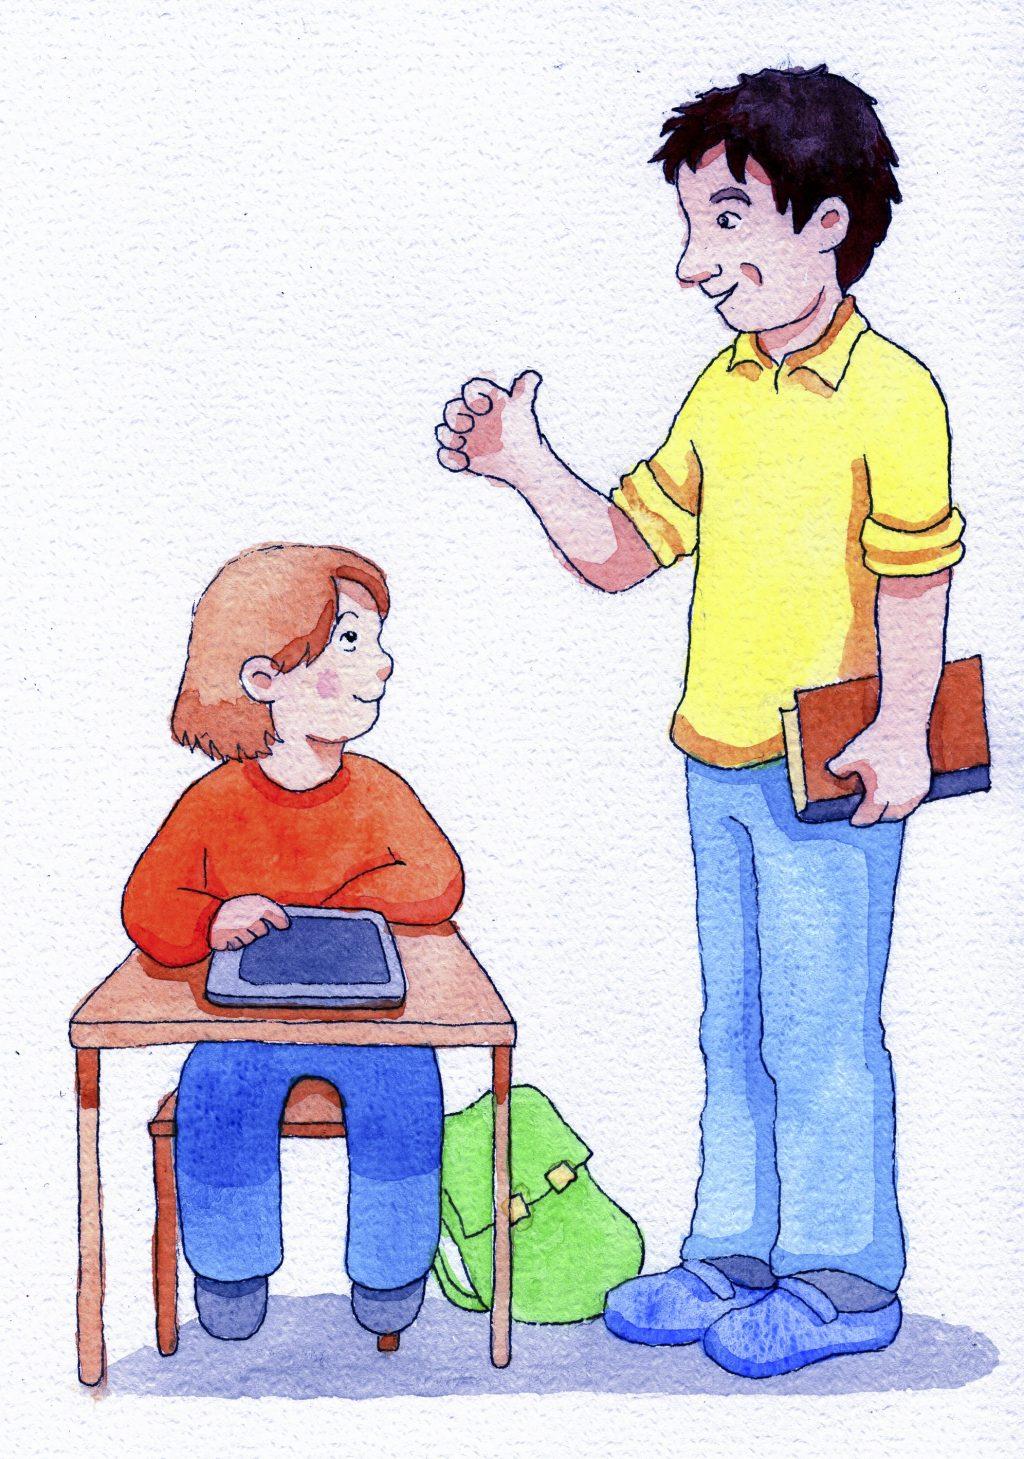 Opettaja näyttää peukkua oppilaalle.